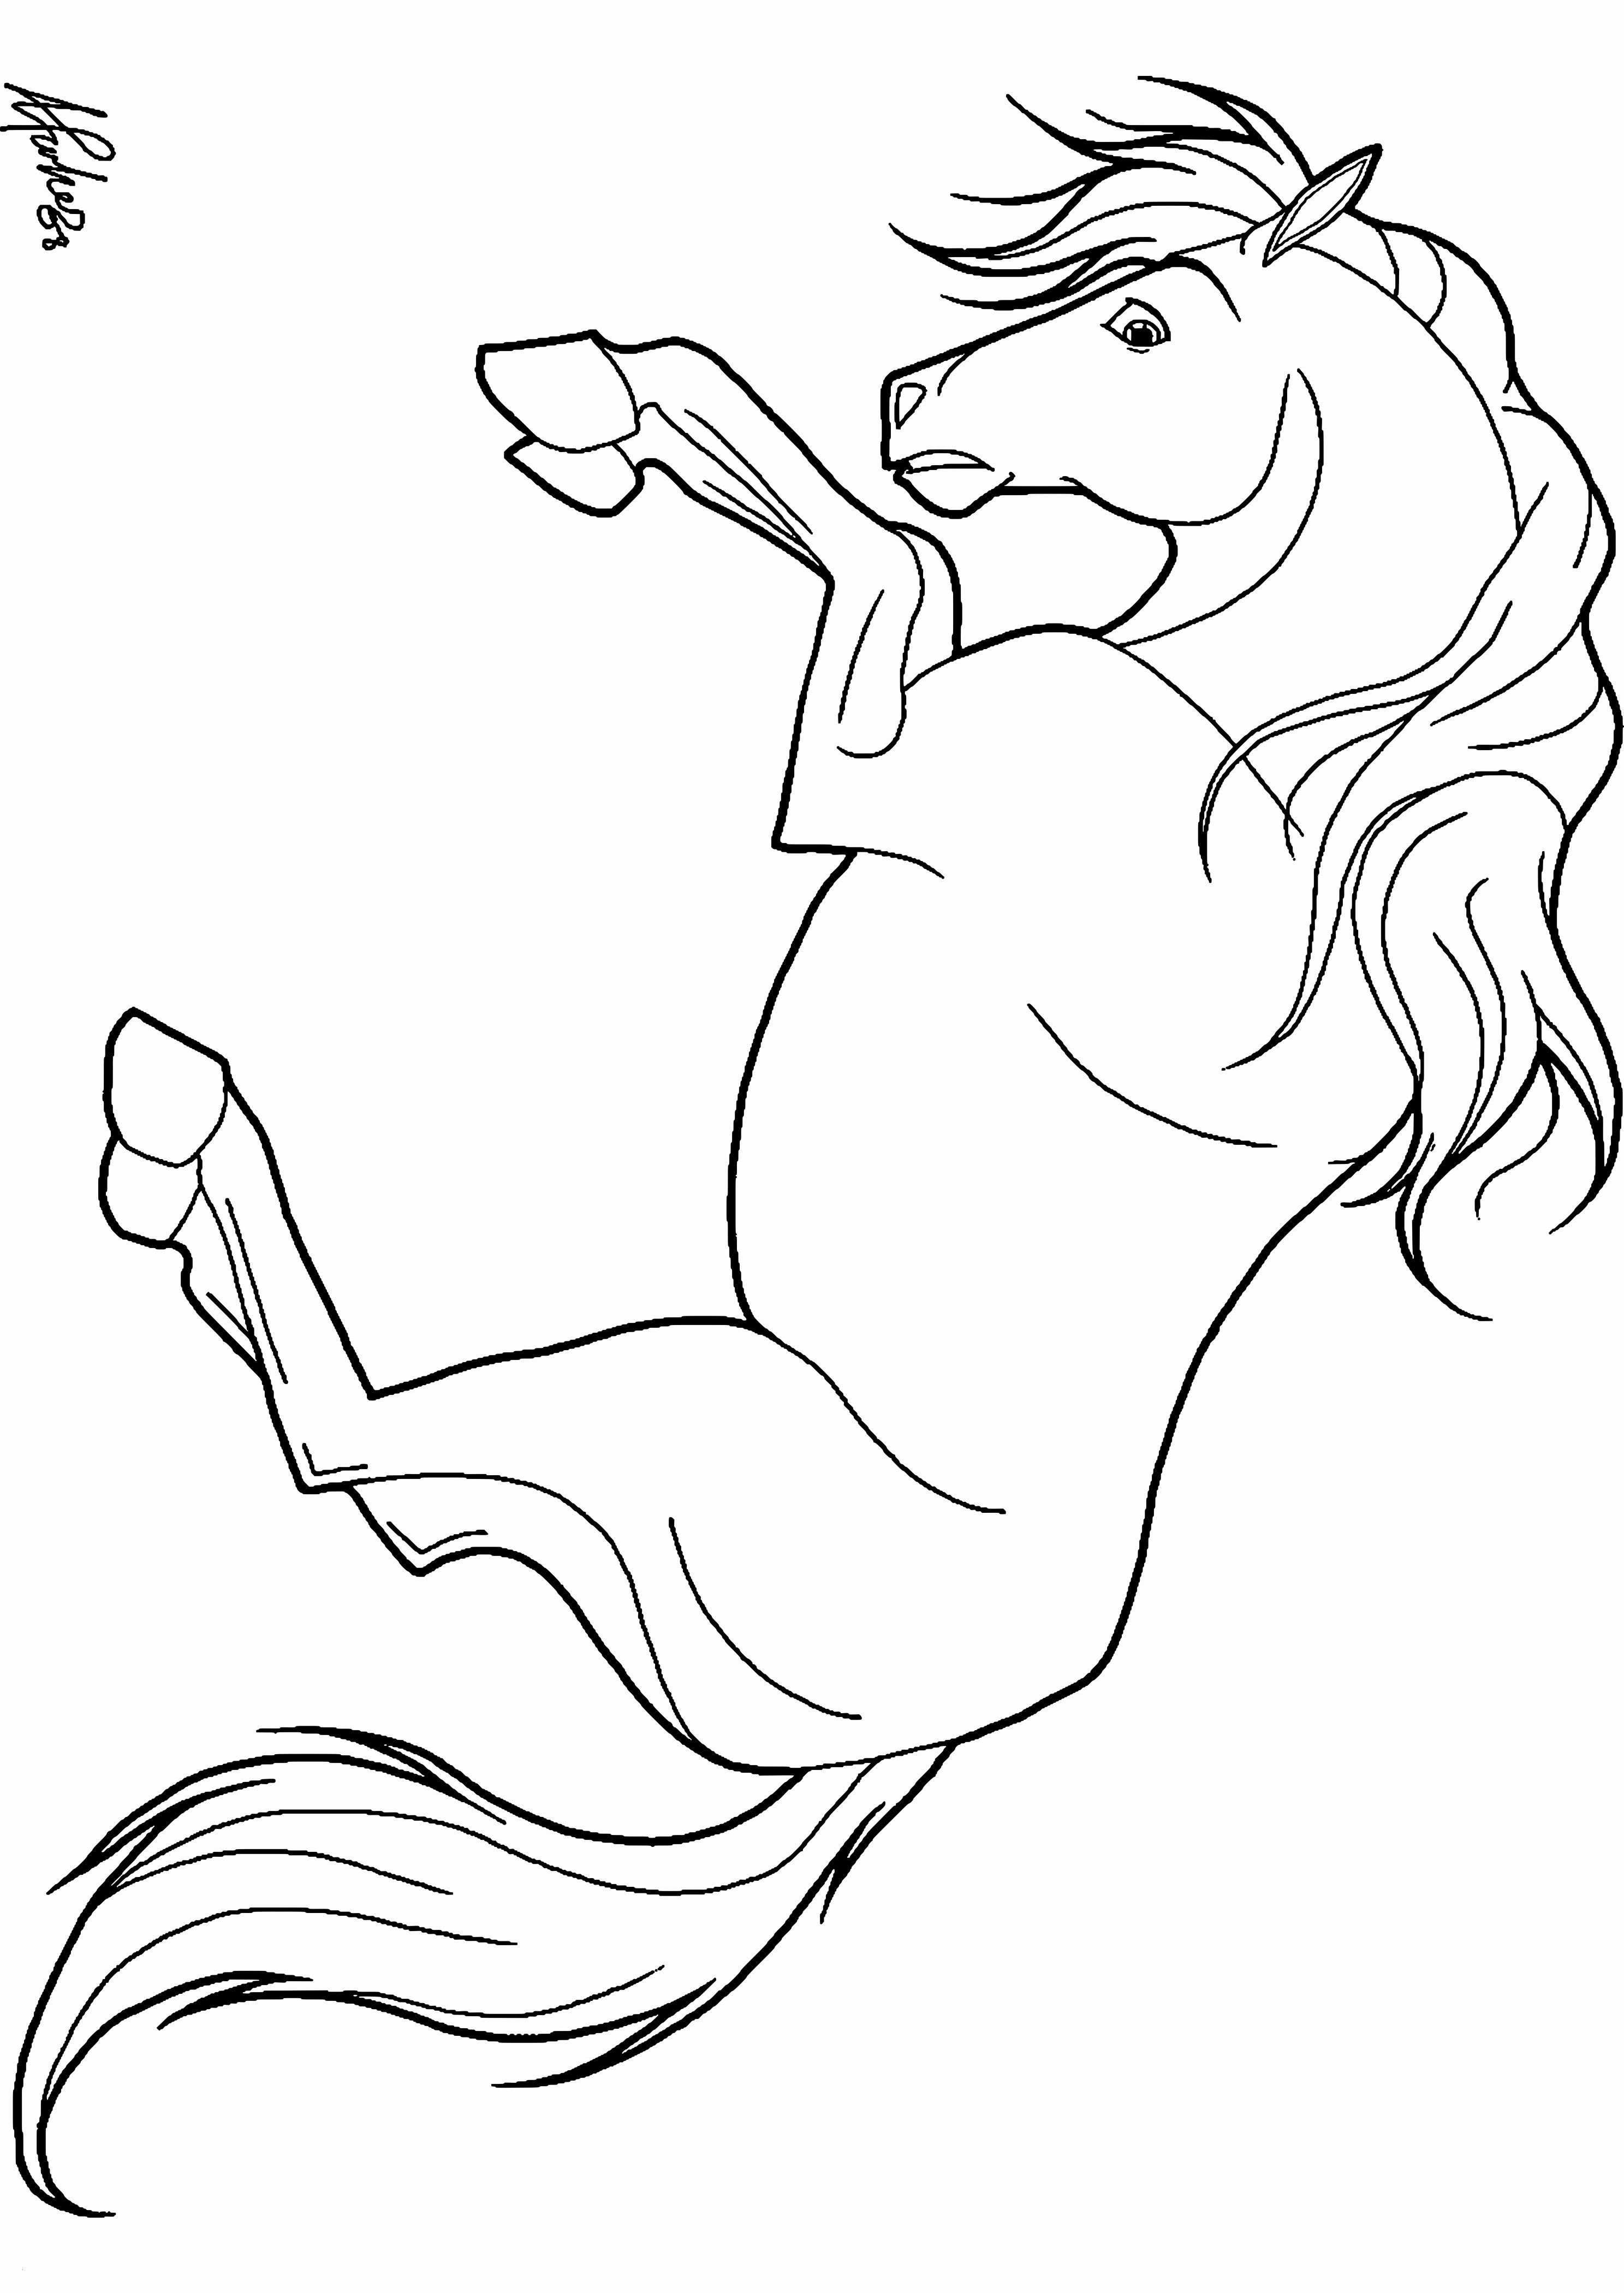 Ausmalbilder Pferde Mit Fohlen Inspirierend Malvorlagen Igel Best Igel Grundschule 0d Archives Uploadertalk Das Bild